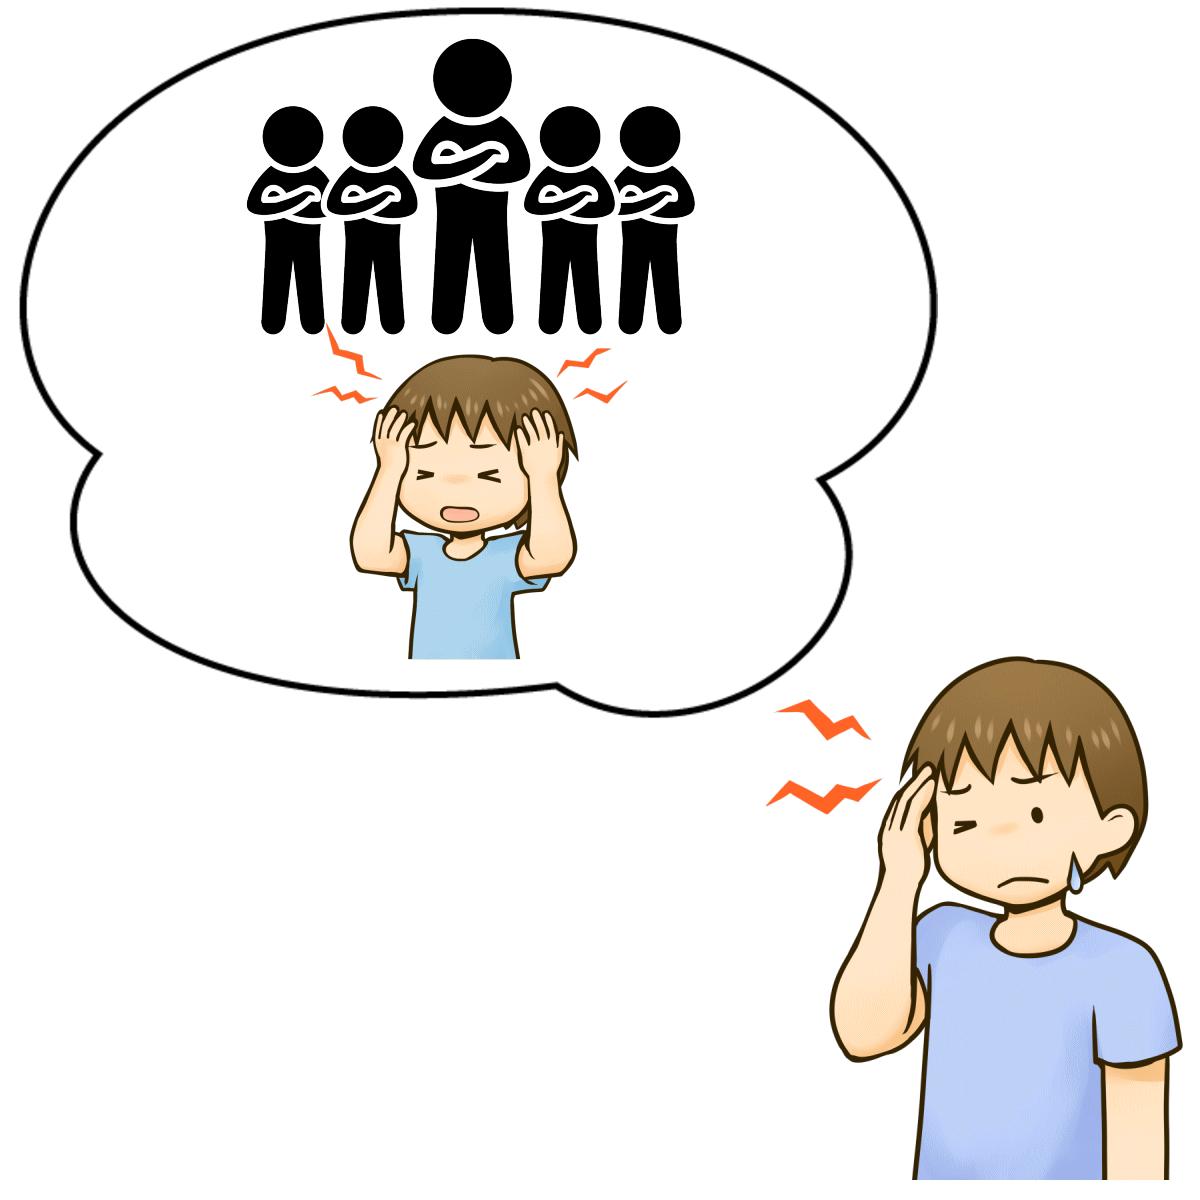 静かにしていたい気持ちは子供の頃からの自分の本音である様子を表すイラスト